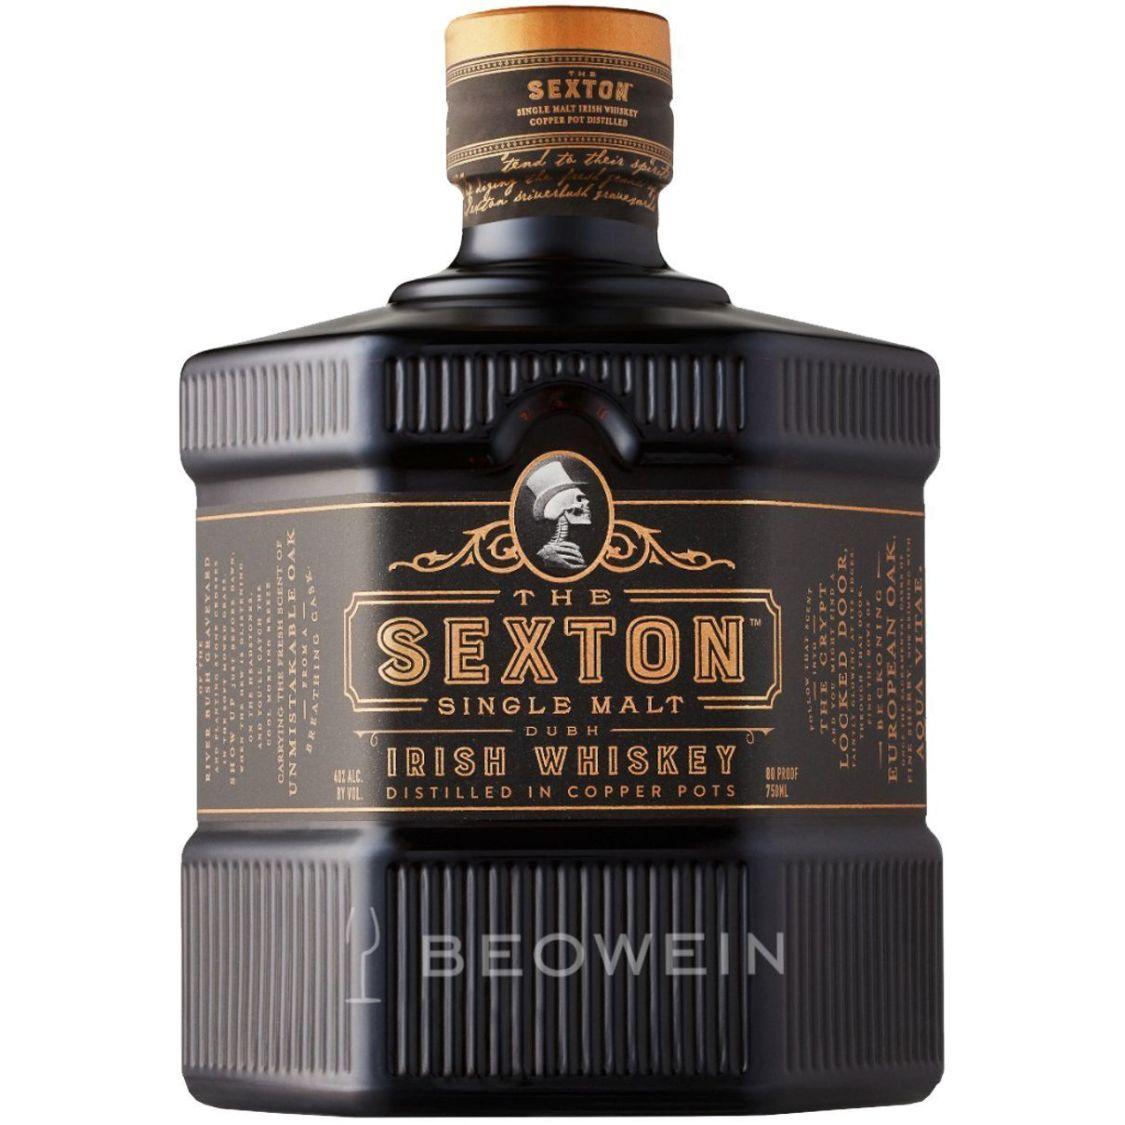 The Sexton Single Malt Irish Whiskey 0,7 l Oloroso Sherry Fass gereift, Whisky